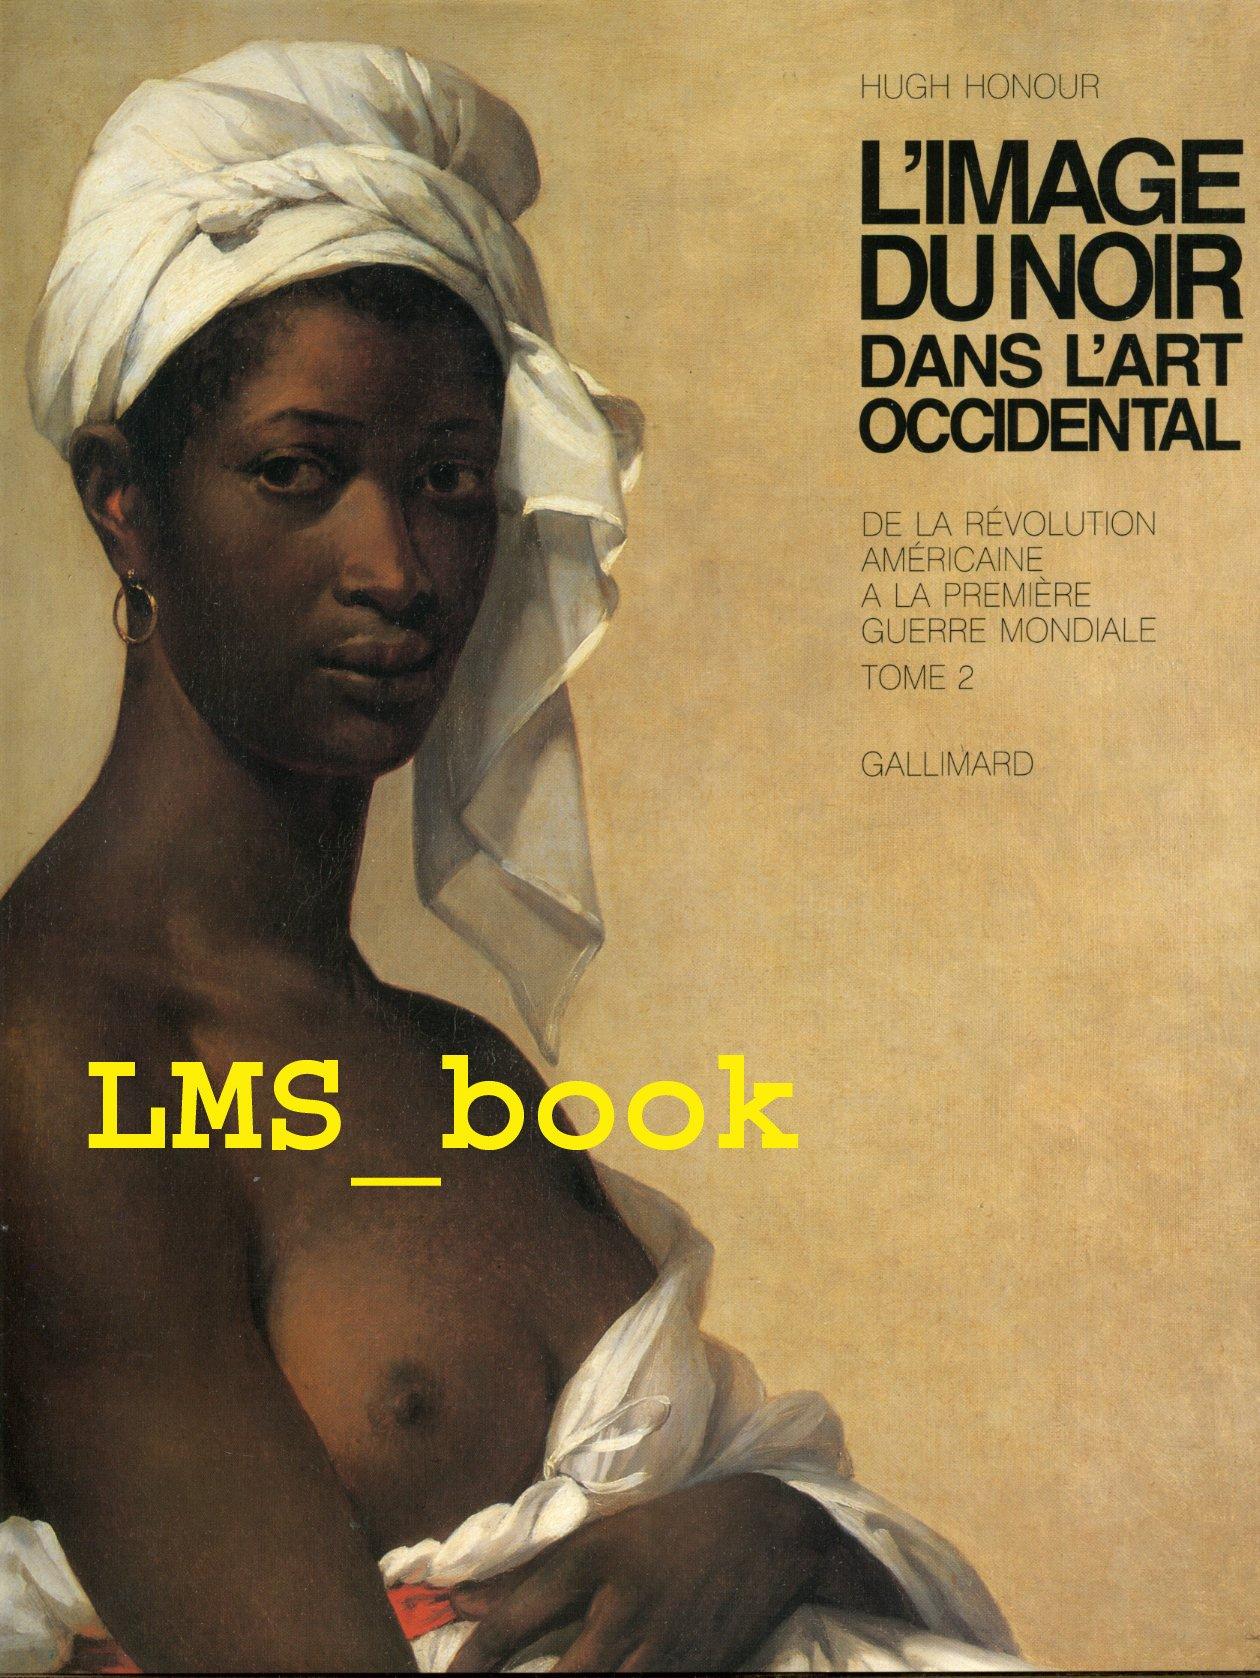 Amazon.fr - L'image du noir dans l'art occidental : De la révolution  américaine à la première guerre mondiale, tome IV, volume 2 - H Honour -  Livres